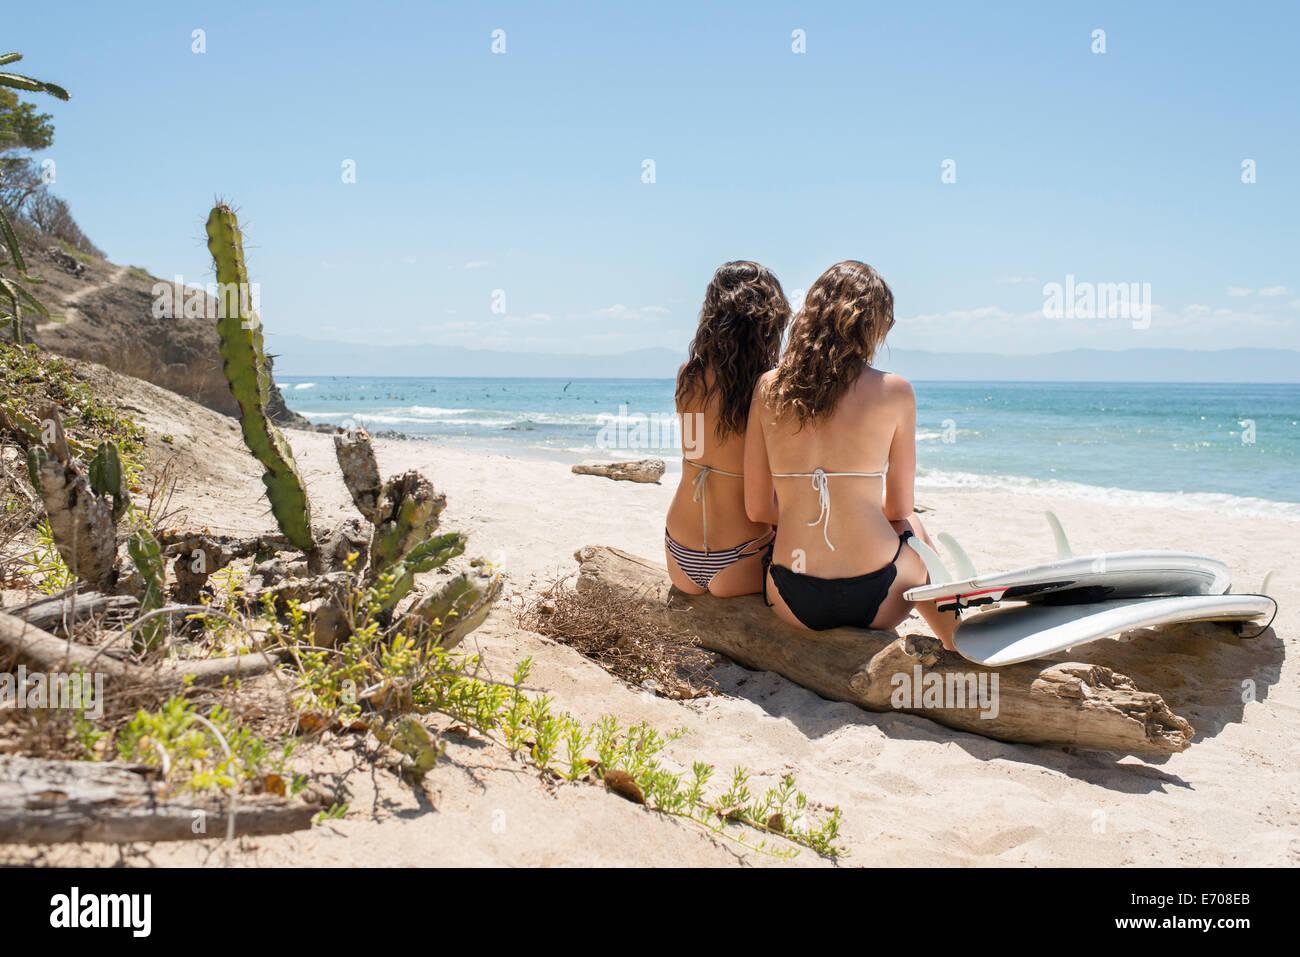 Dos jóvenes mujeres sentadas en Driftwood en la playa, tablas de surf en las cercanías Imagen De Stock